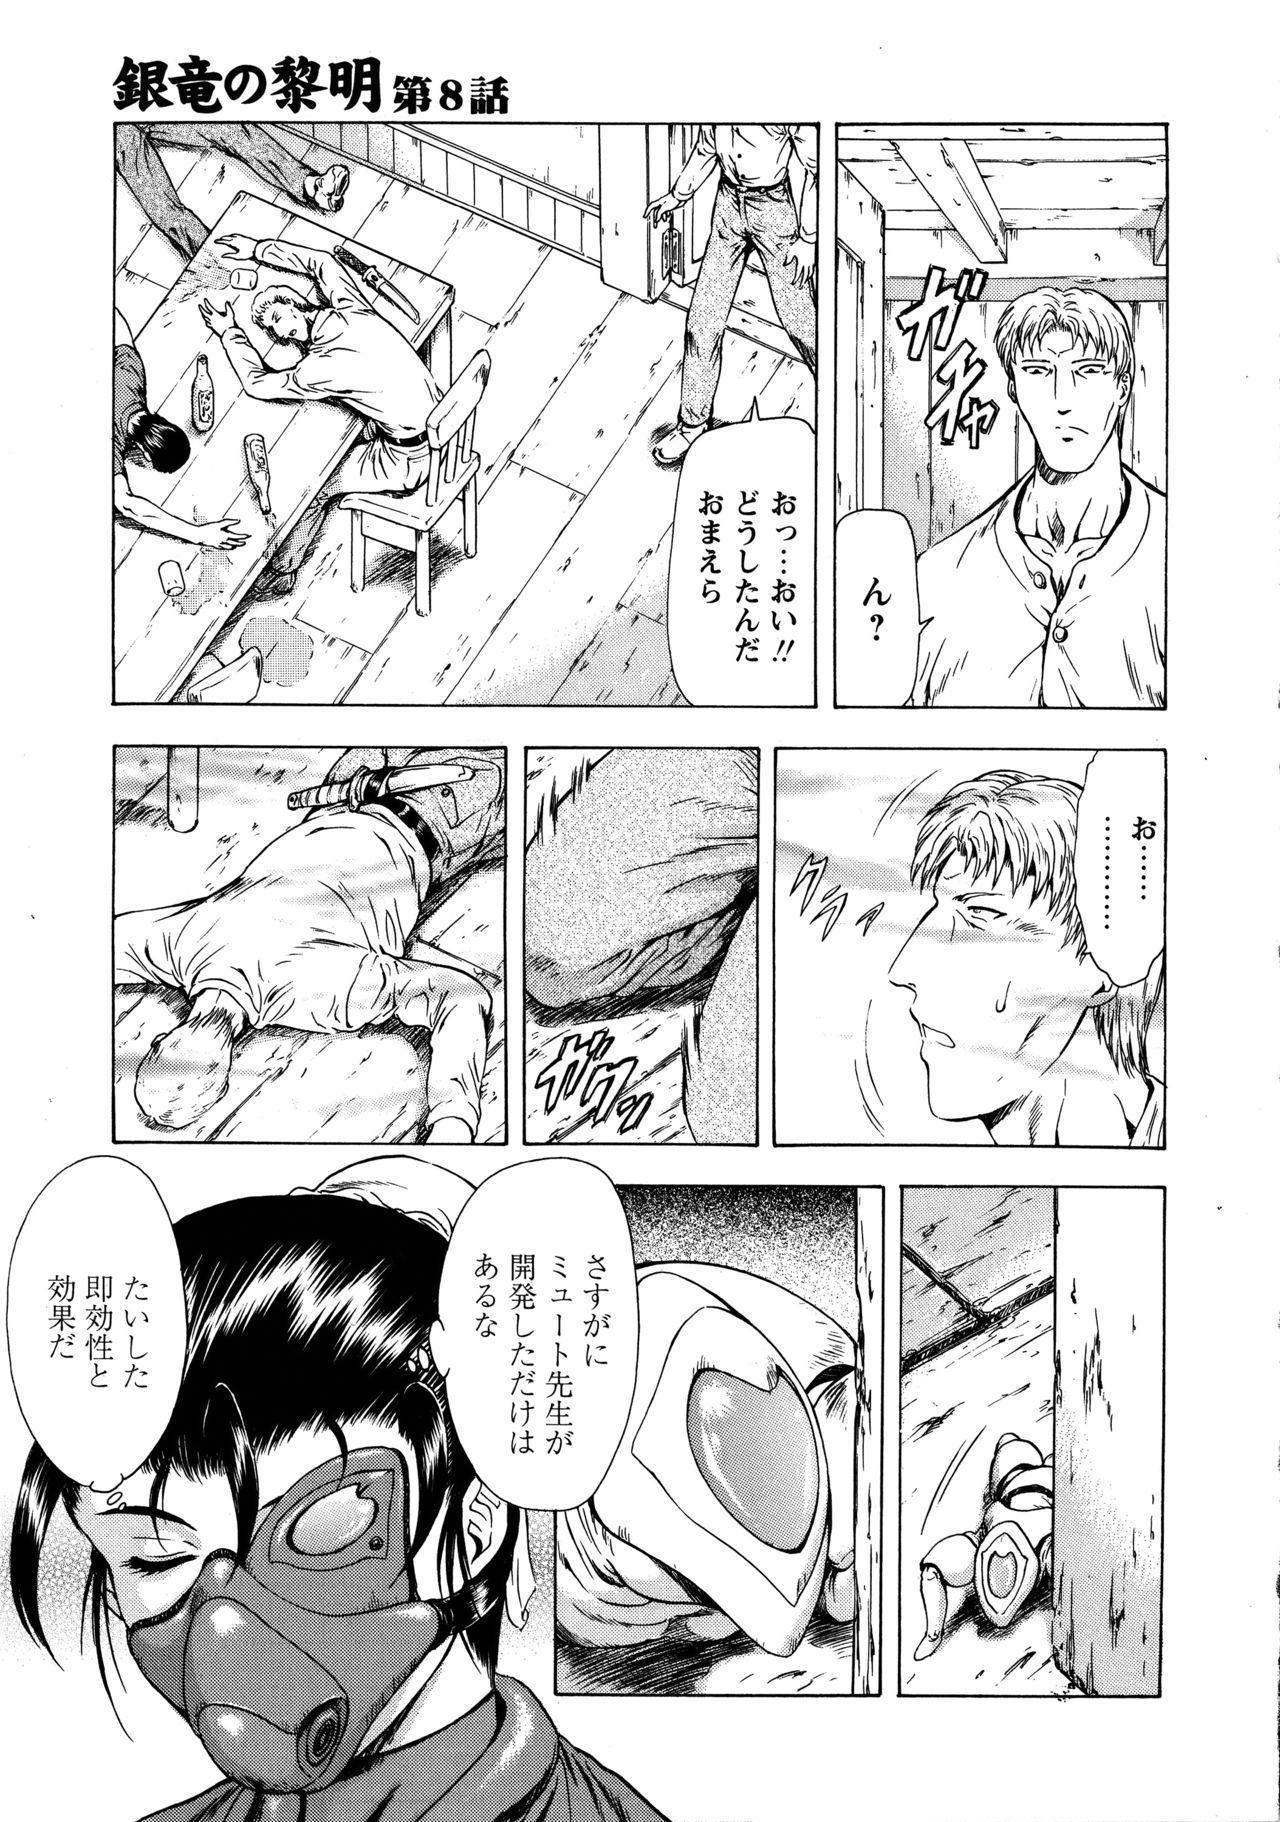 Ginryuu no Reimei Vol. 1 156